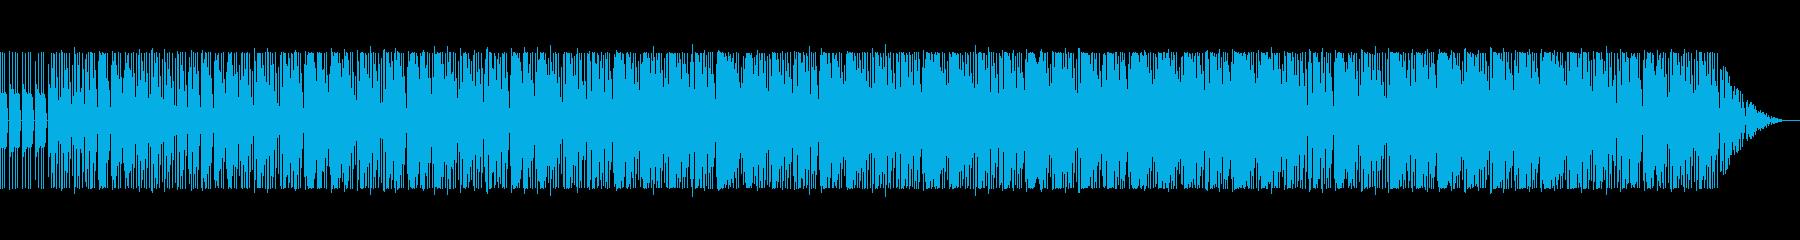 妖艶で怪しげなテクノの再生済みの波形